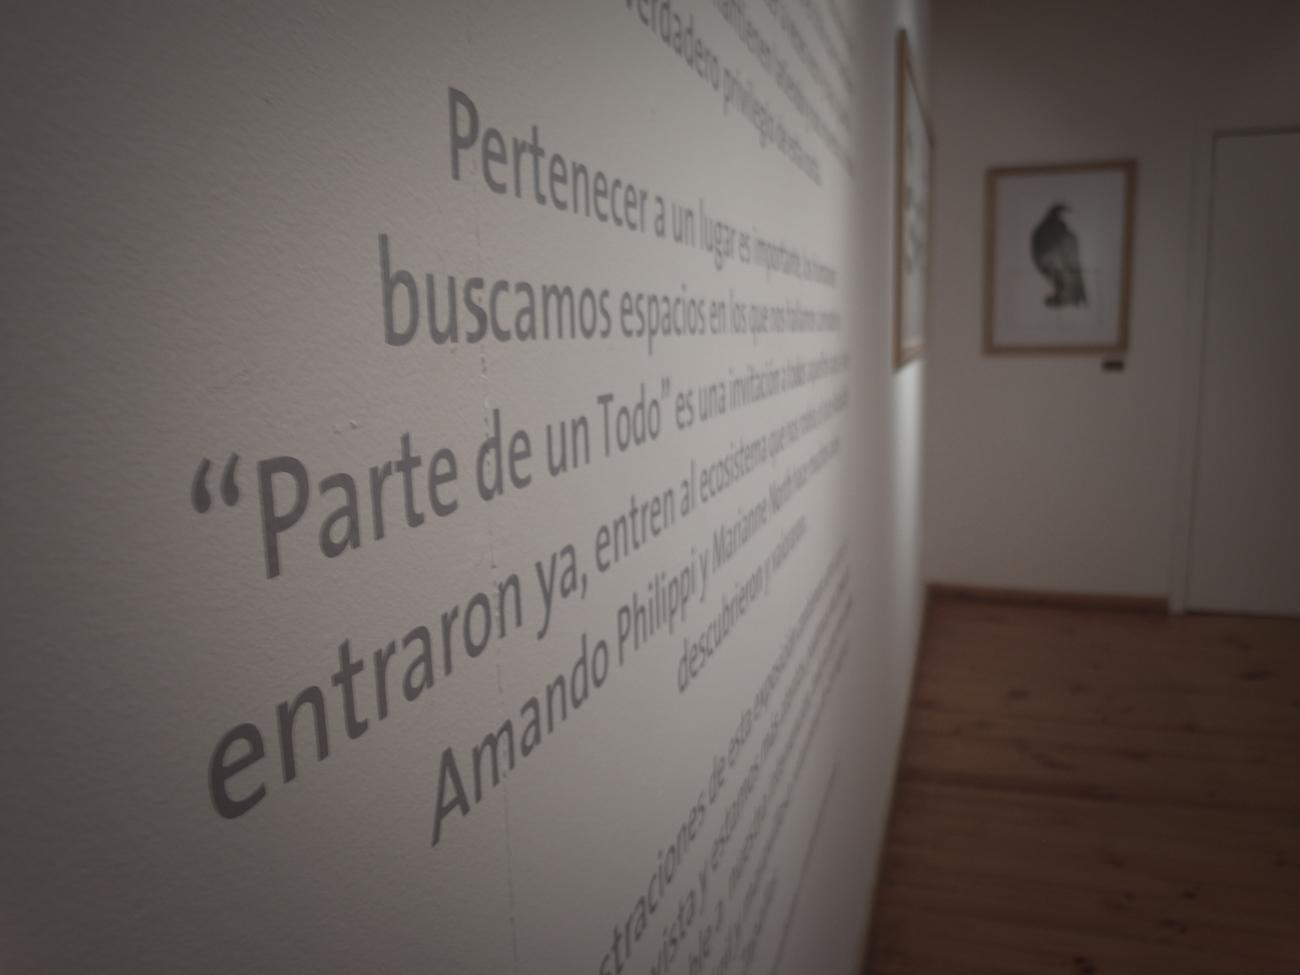 detalle---Antonia-Lara-G.jpg